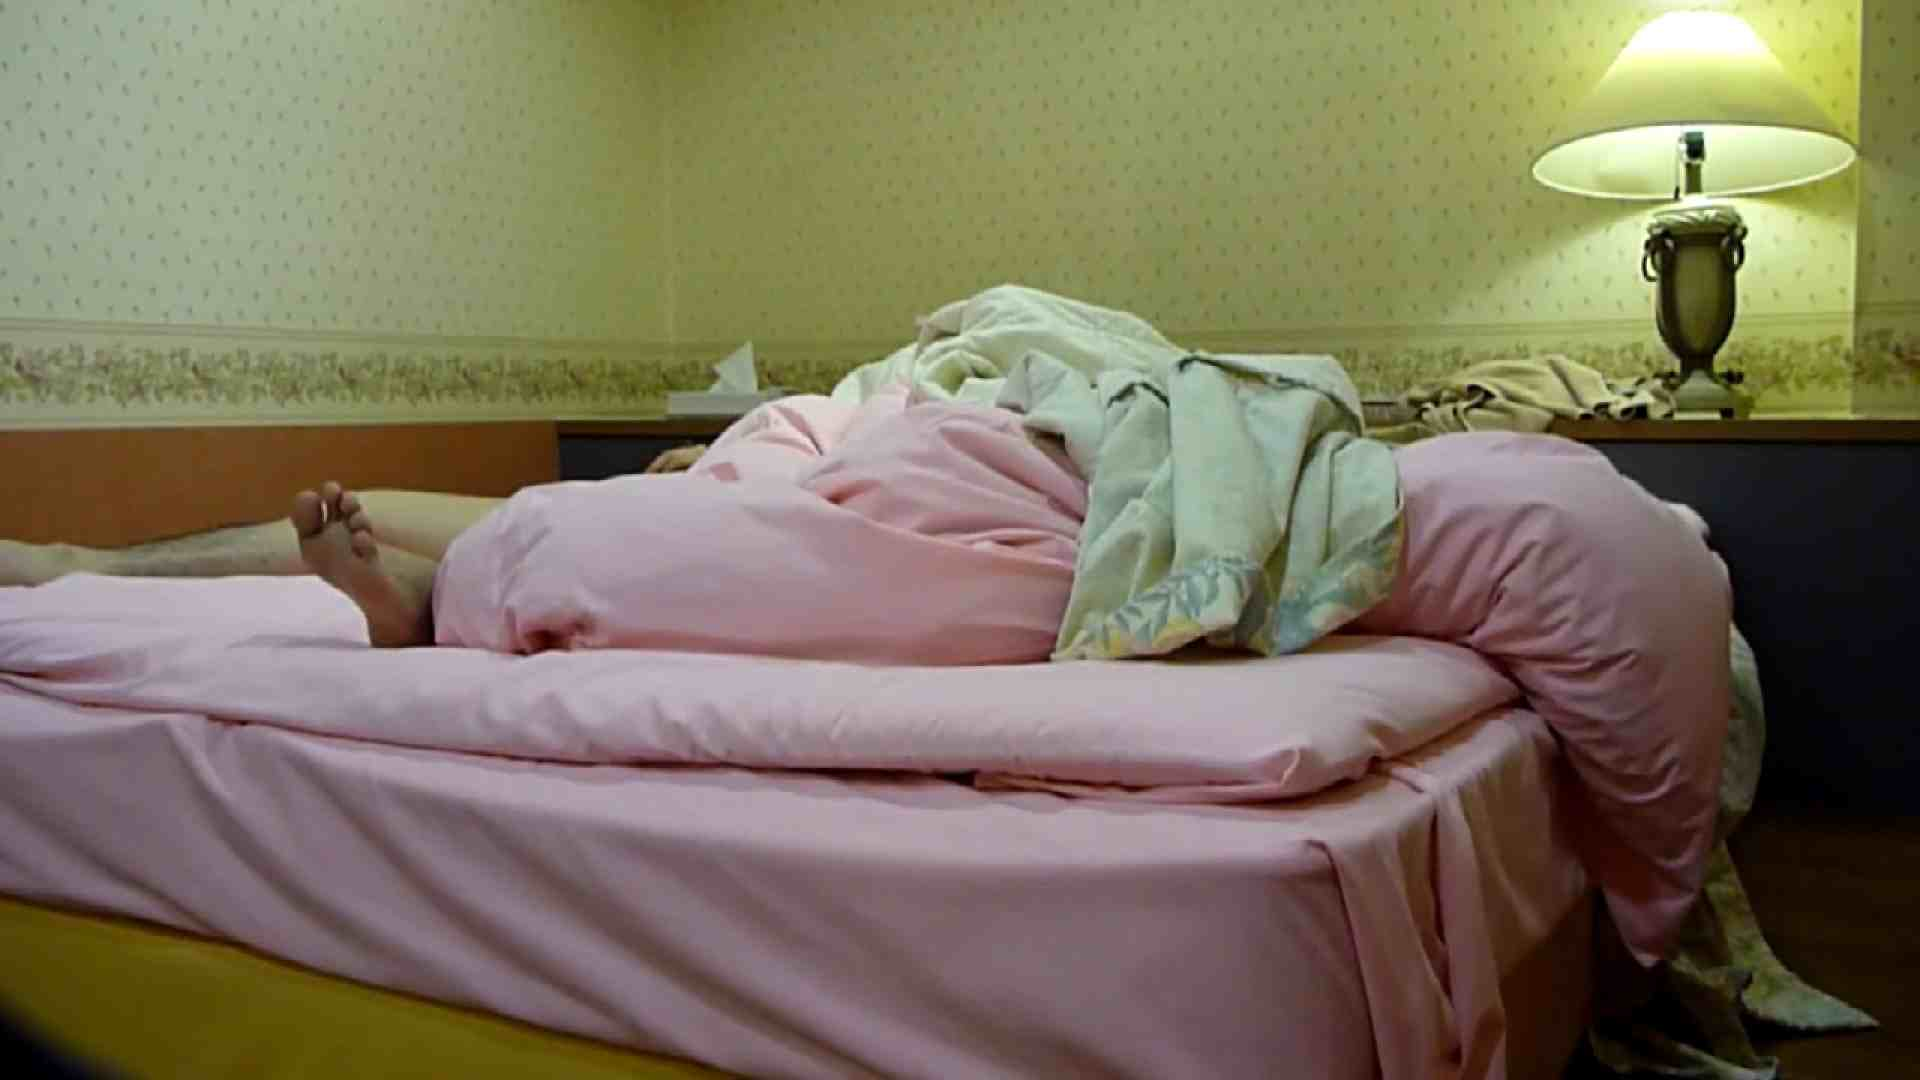 【完全素人投稿】誰にしようか!?やりチン健太の本日もデリ嬢いただきま~す!!04 隠撮  80pic 12